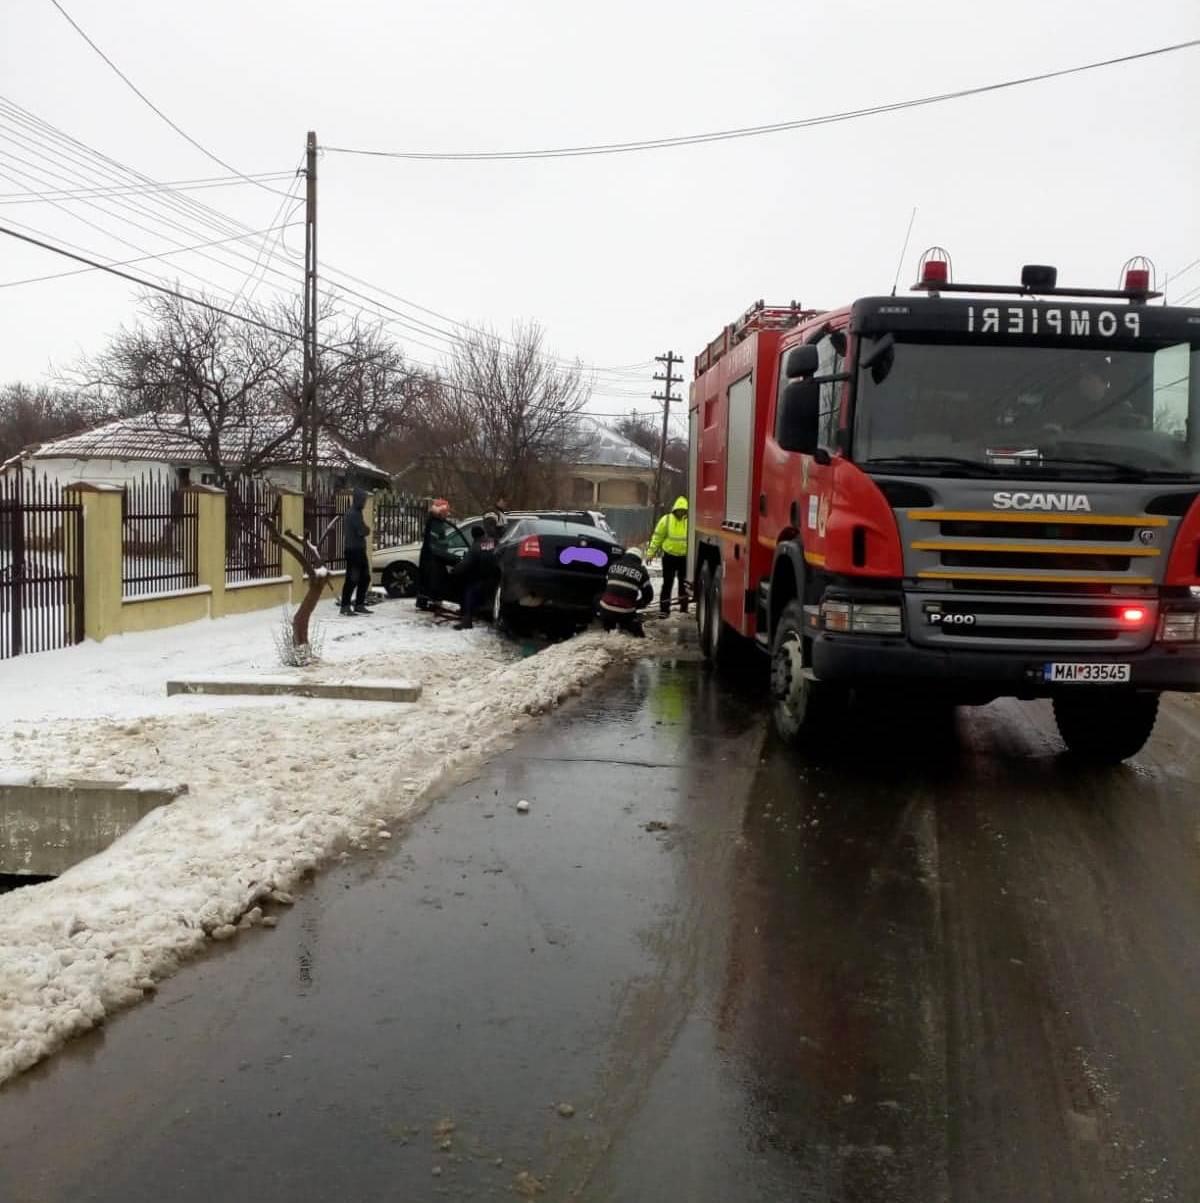 Trei autobuze și mai multe autoturisme au rămas blocate în zăpadă. Doi copaci căzuți pe șosea au întrerupt circulația pe DJ 503